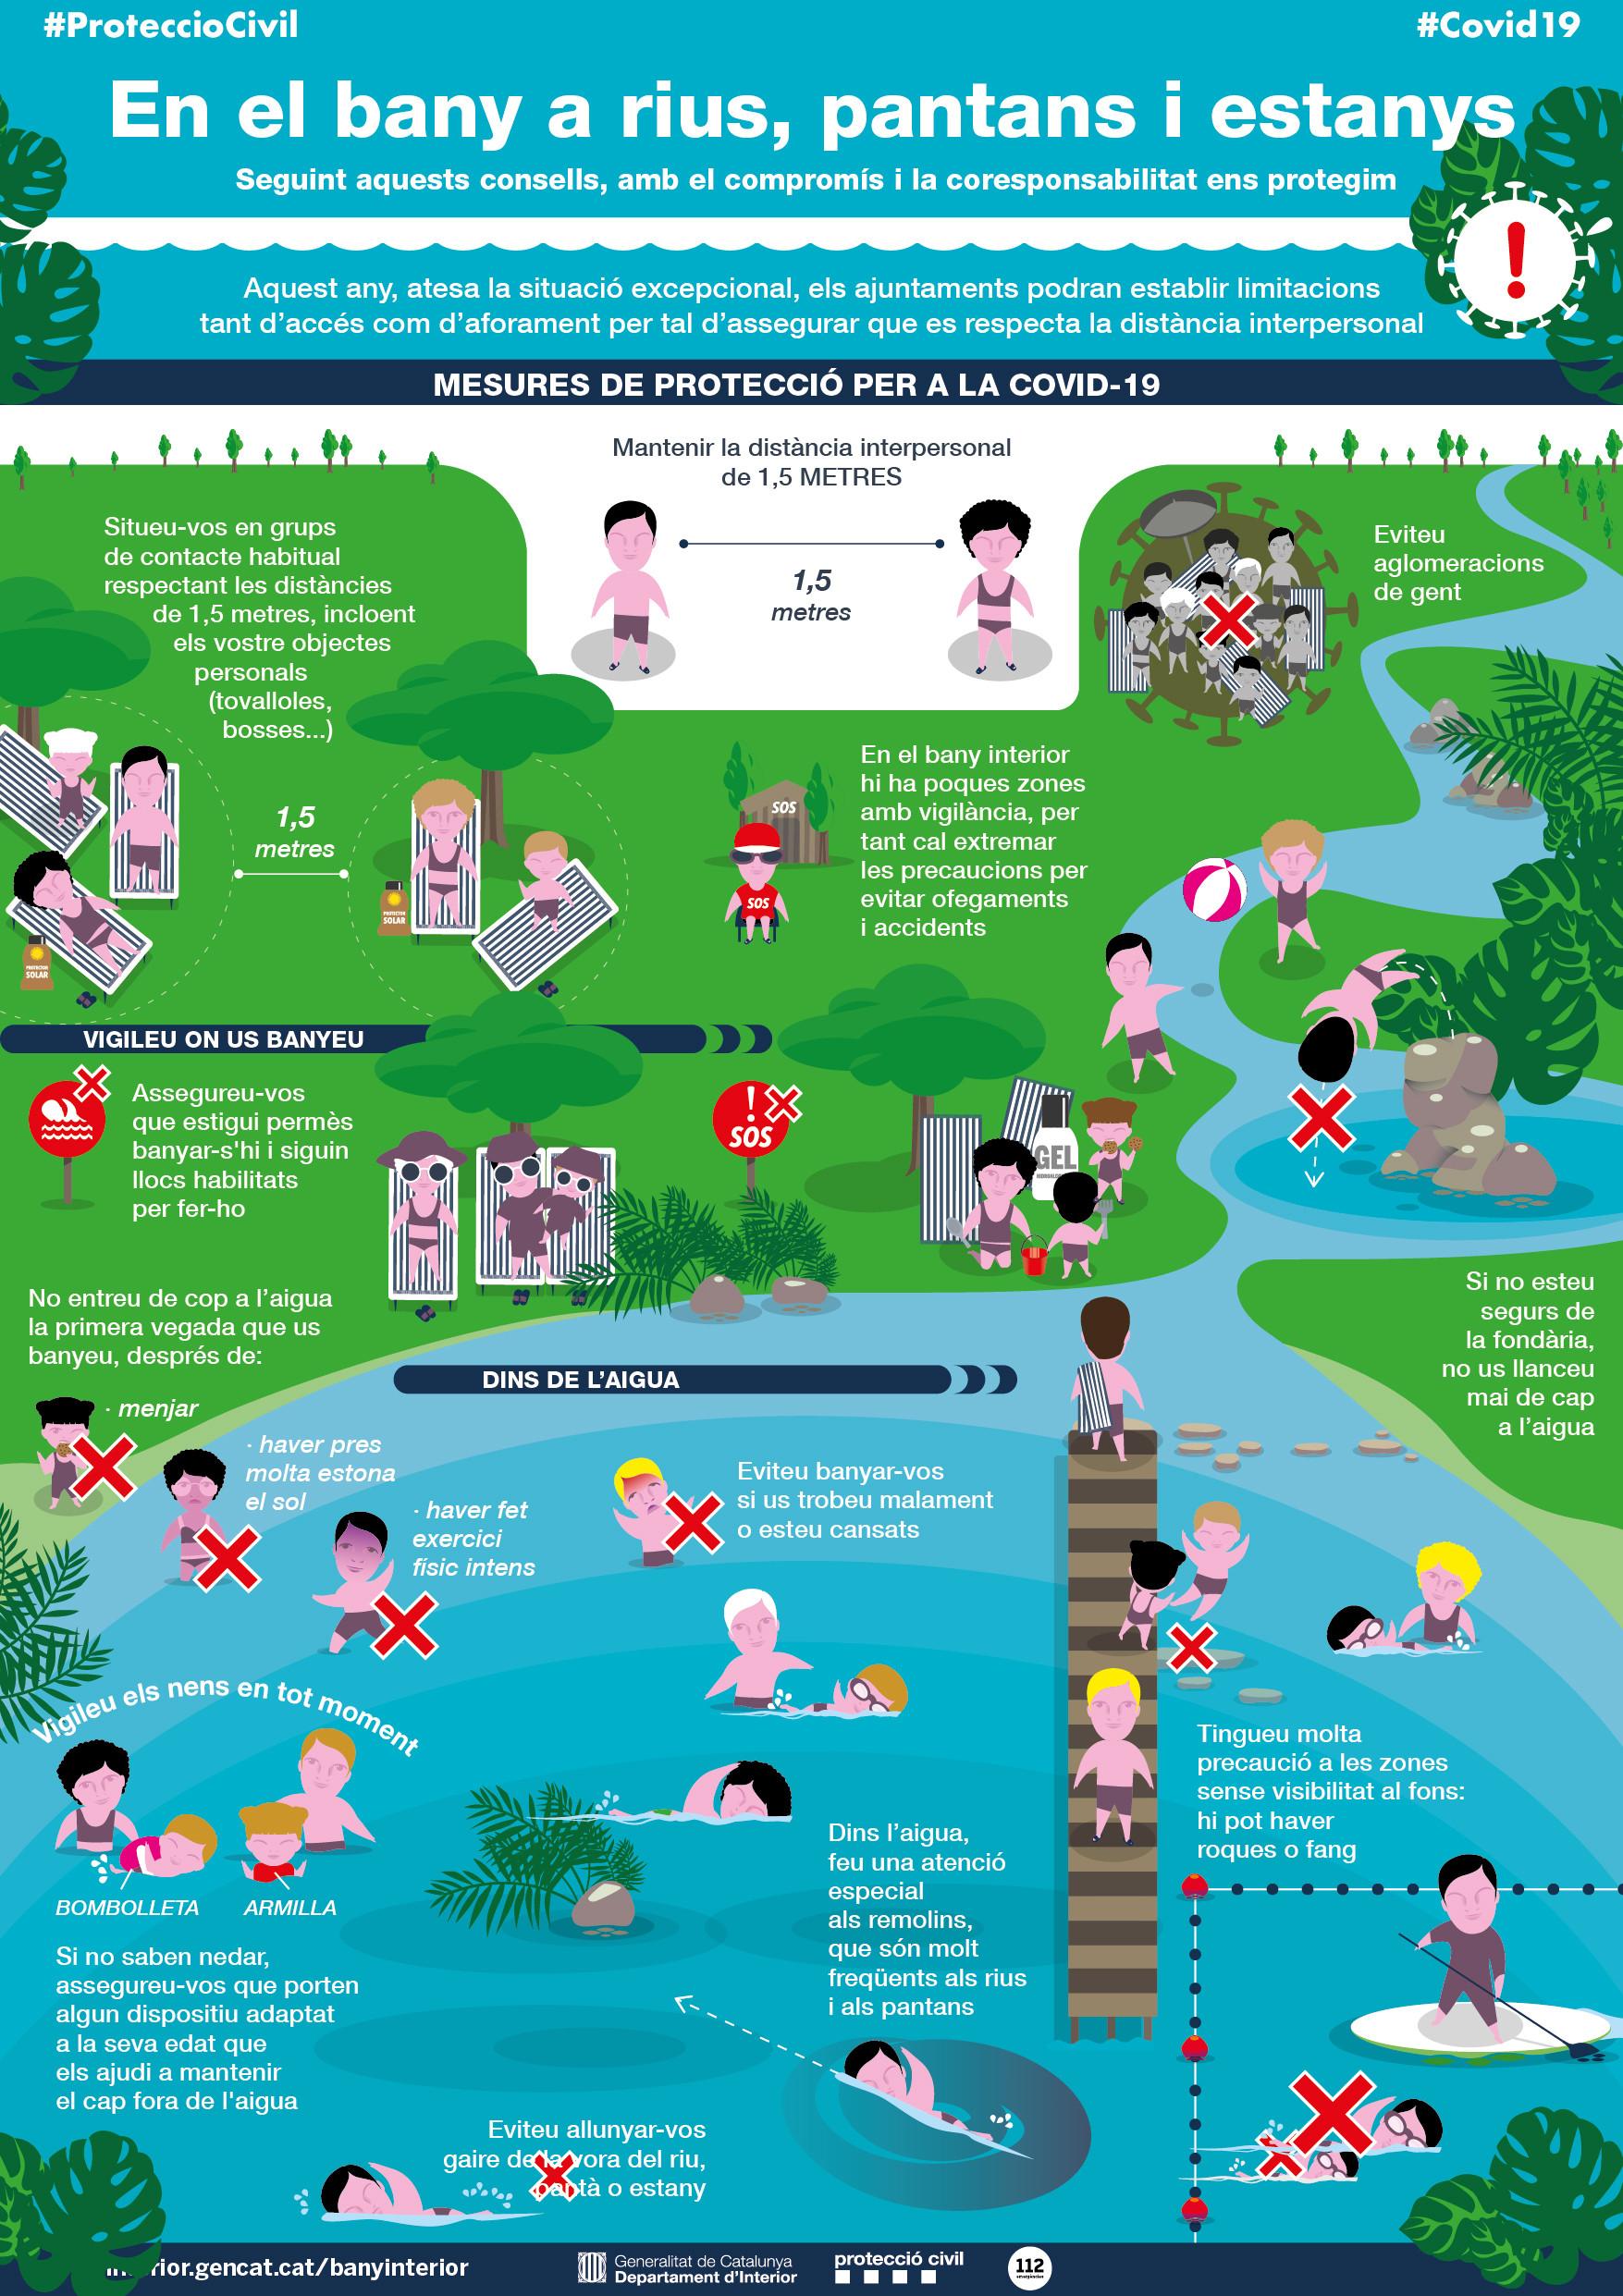 Cartel para la seguridad en el baño en ríos y pantanos